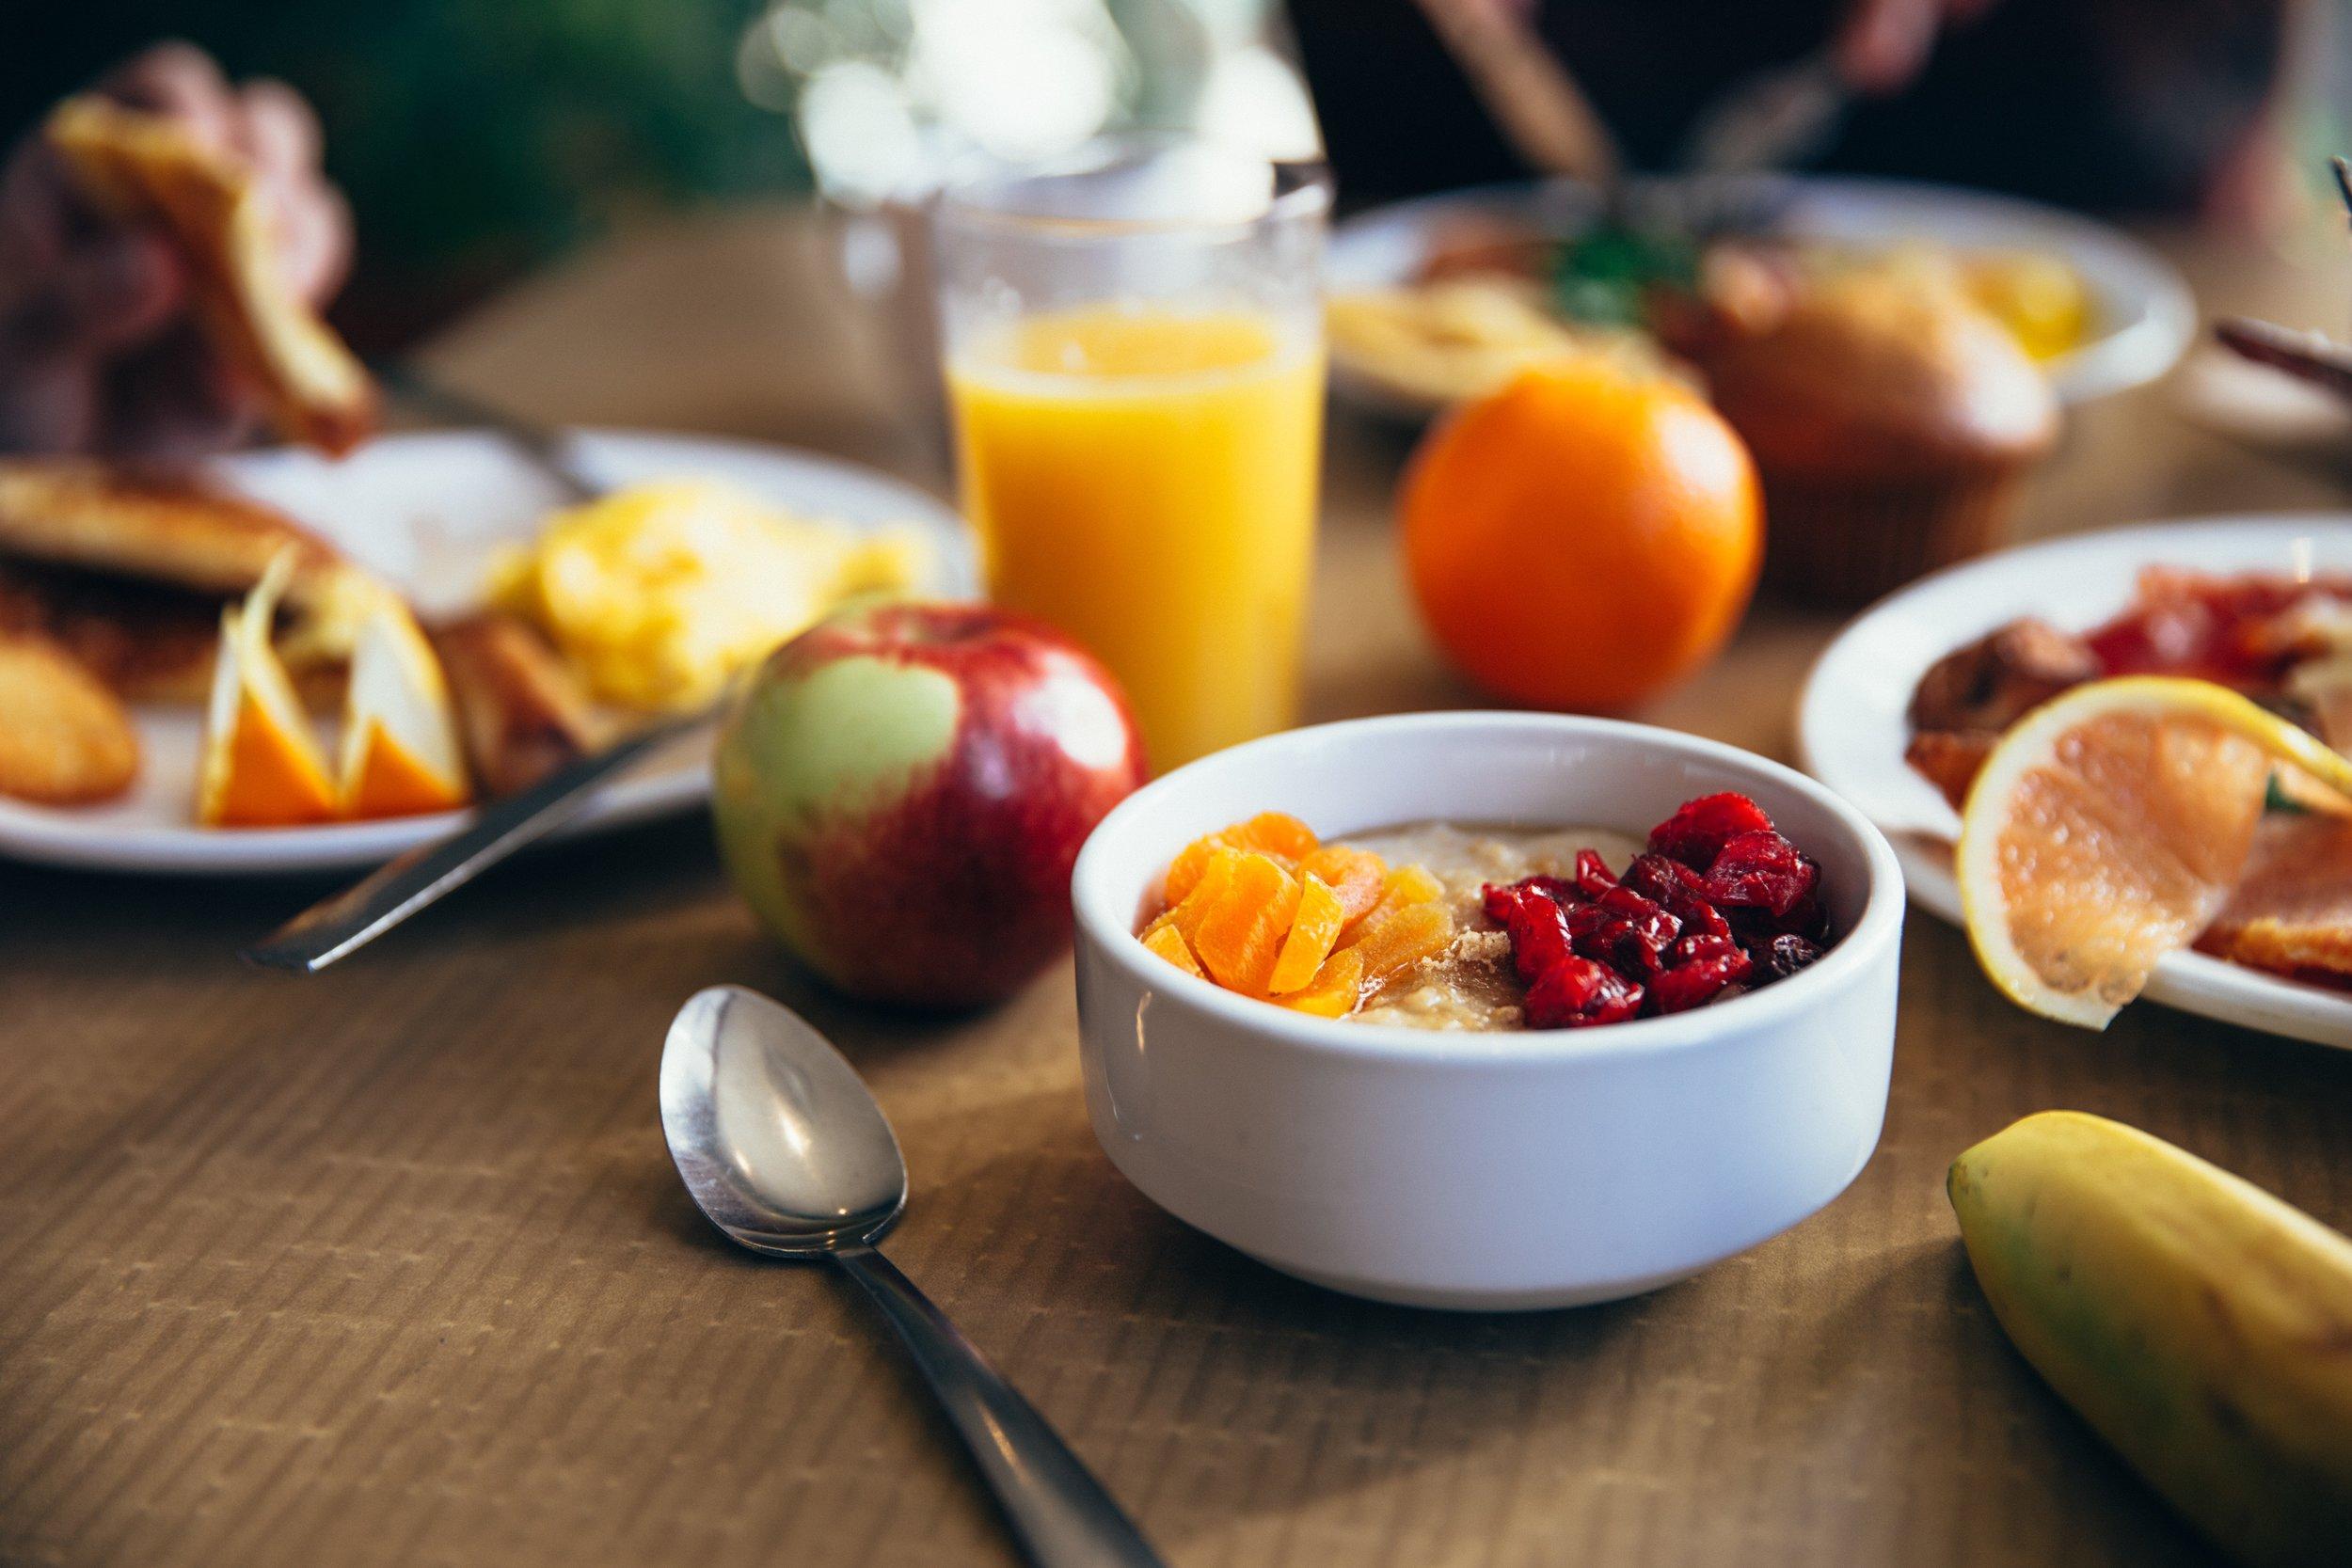 bowl-breakfast-cutlery-373941.jpg